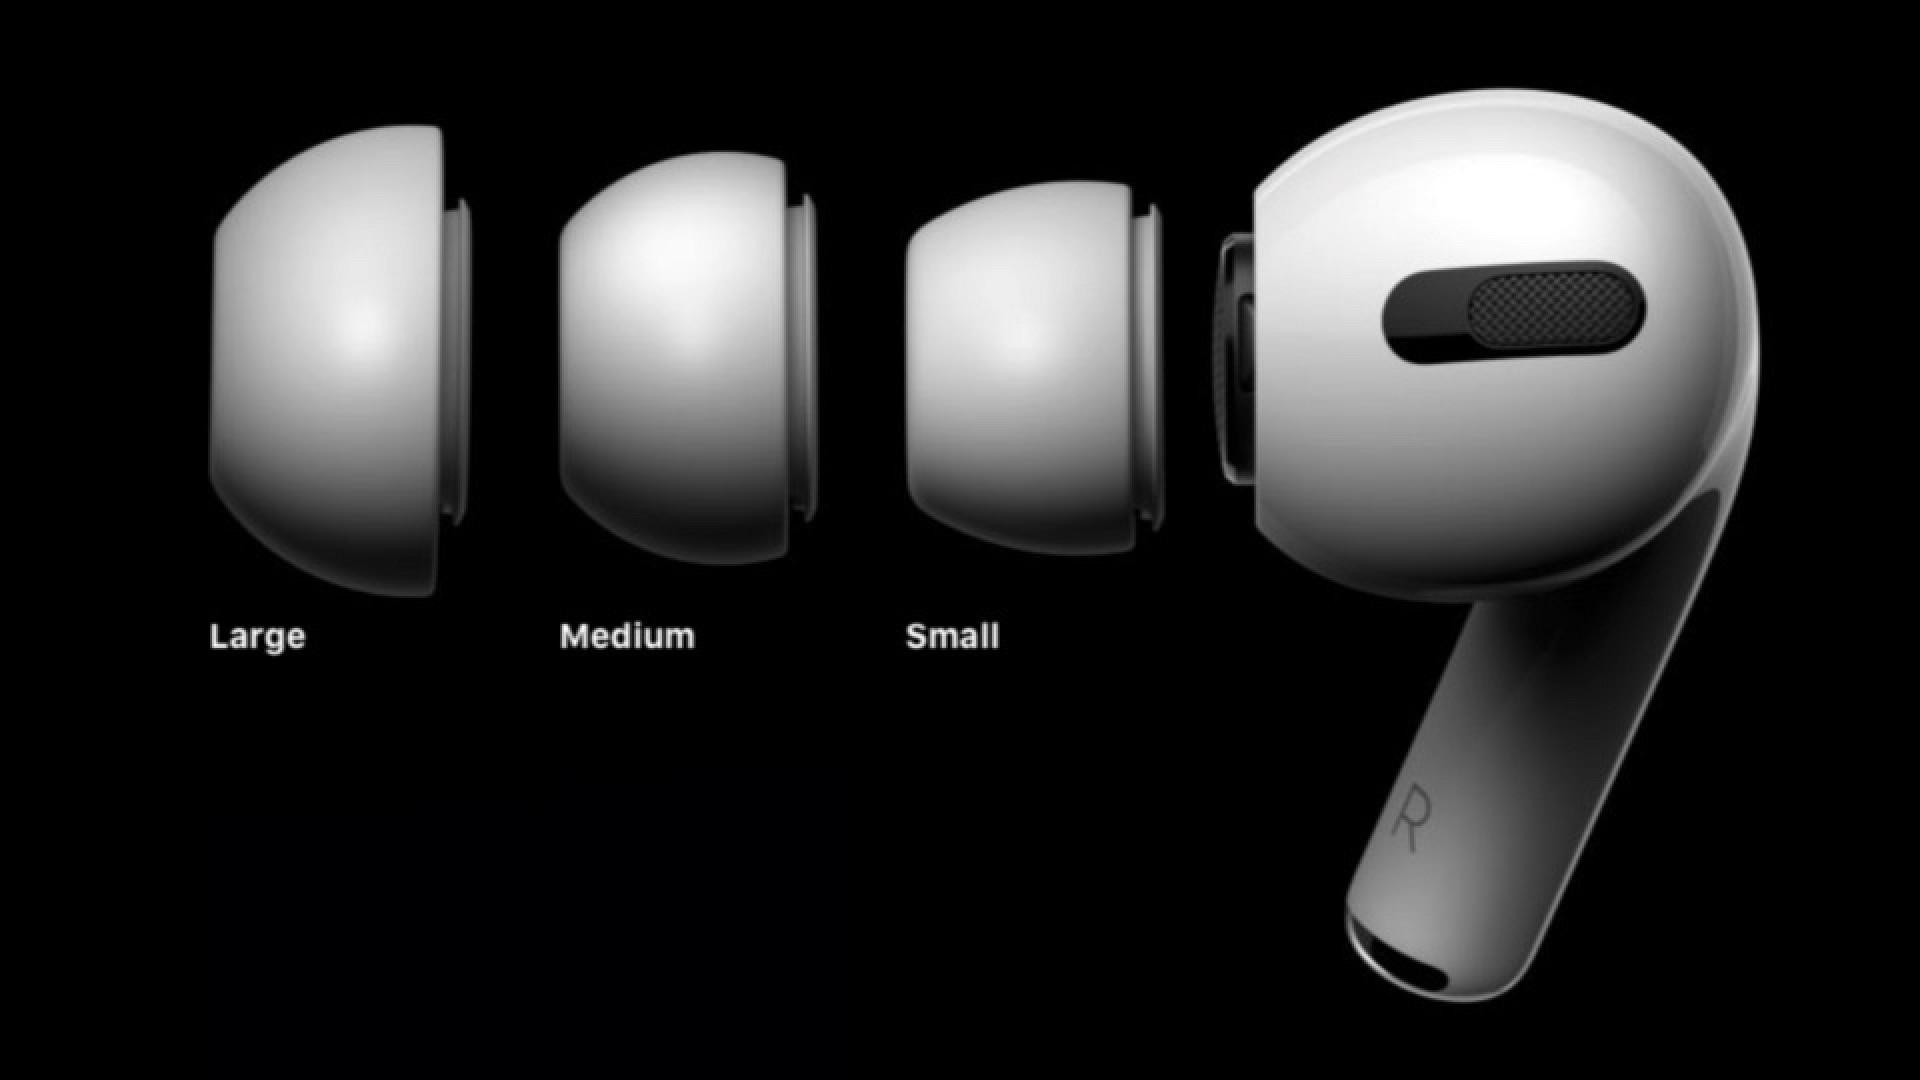 Обзор AirPods Pro_лучшие полностью беспроводные наушники от Apple - силиконовые накладки разных размеров